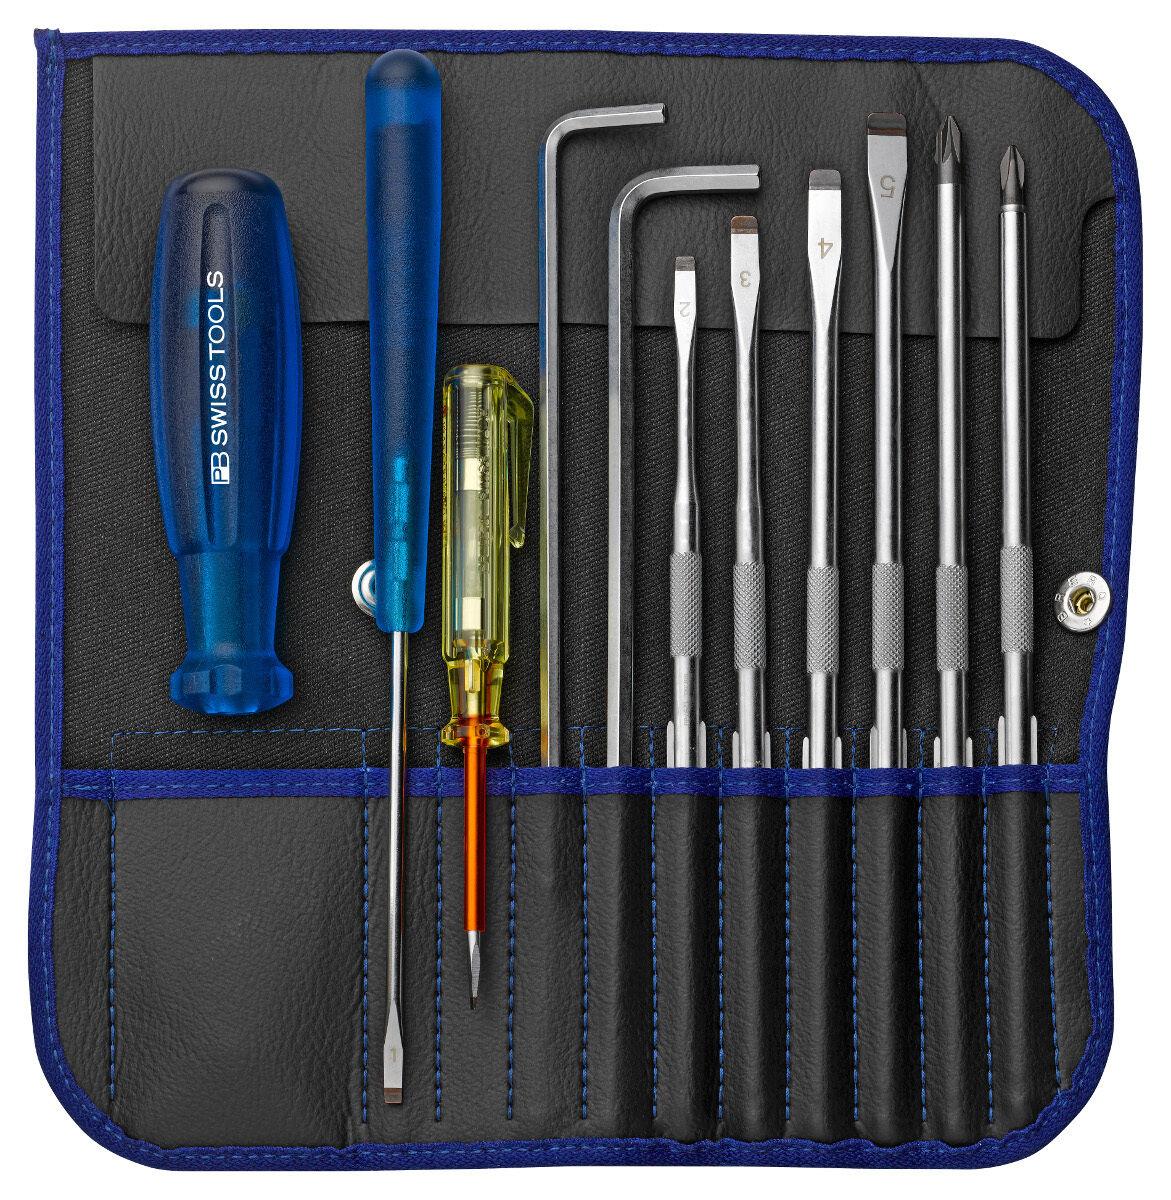 PB Swiss Tools PB 9215.Blau Screwdriver Set Slotted Phillips PoziDriv Hex